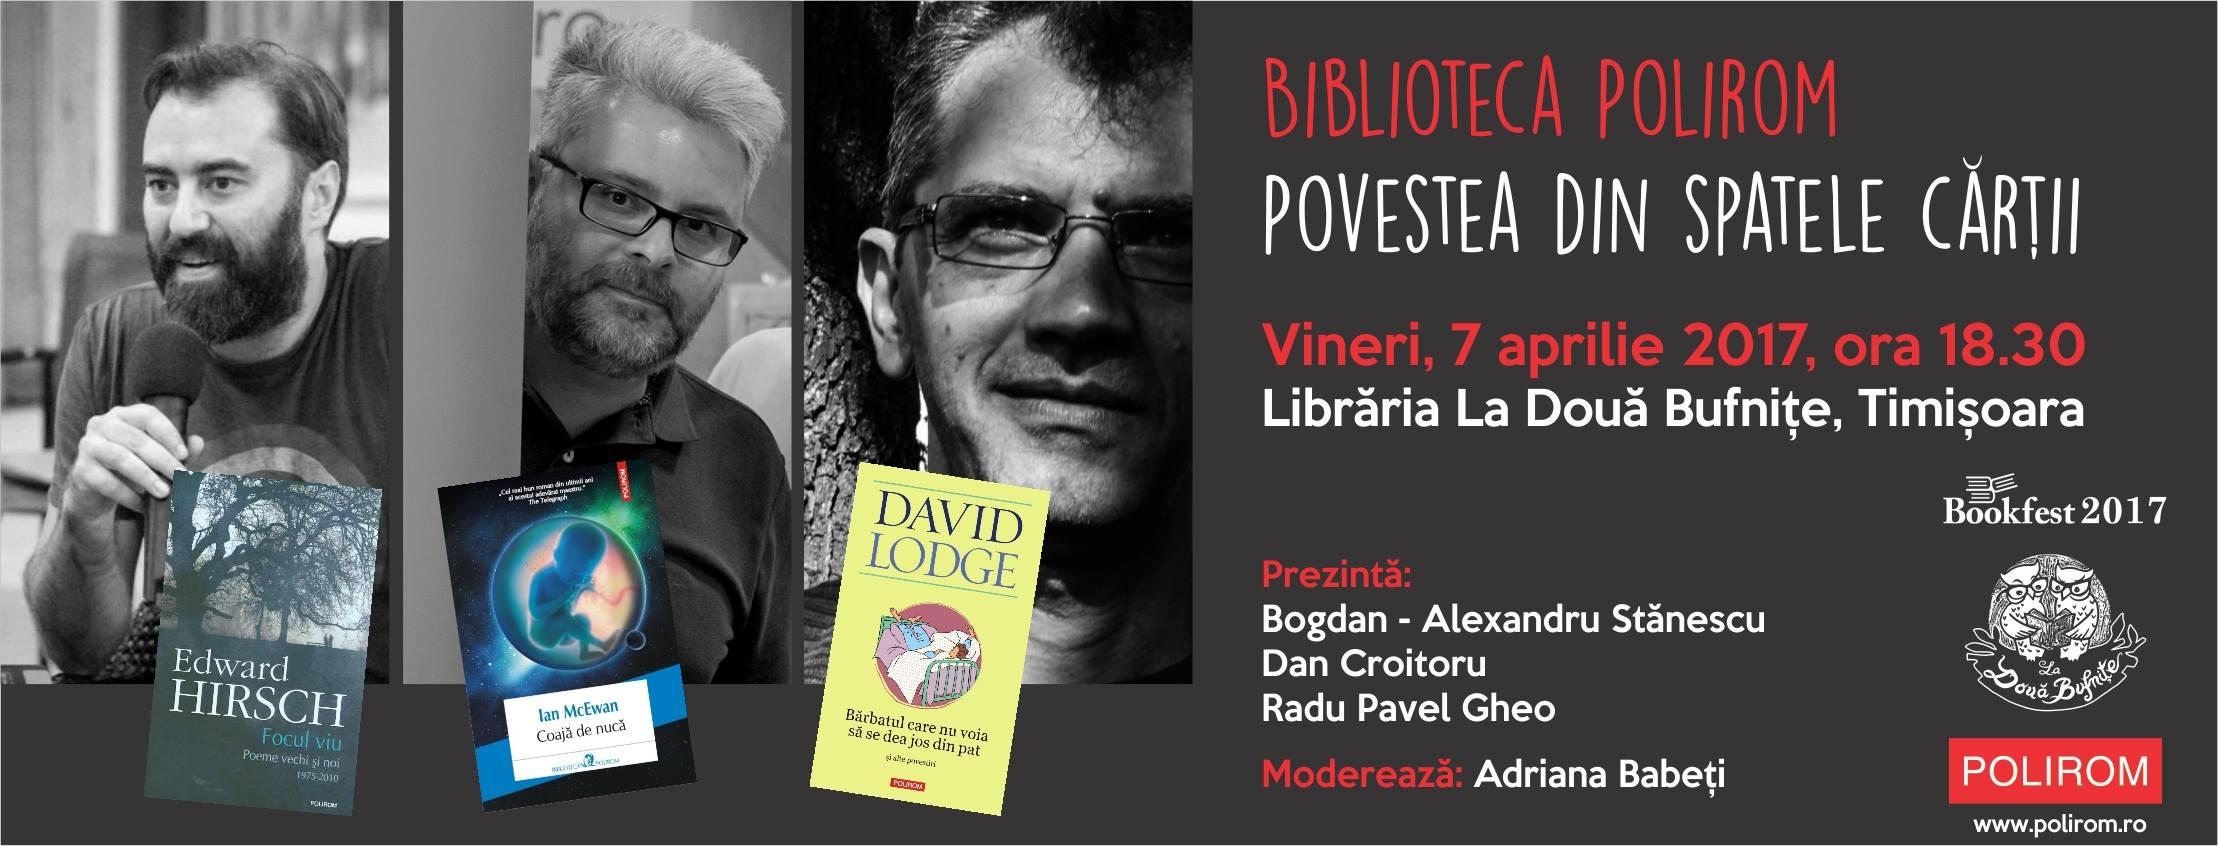 Biblioteca Polirom. Povestea din spatele cărții